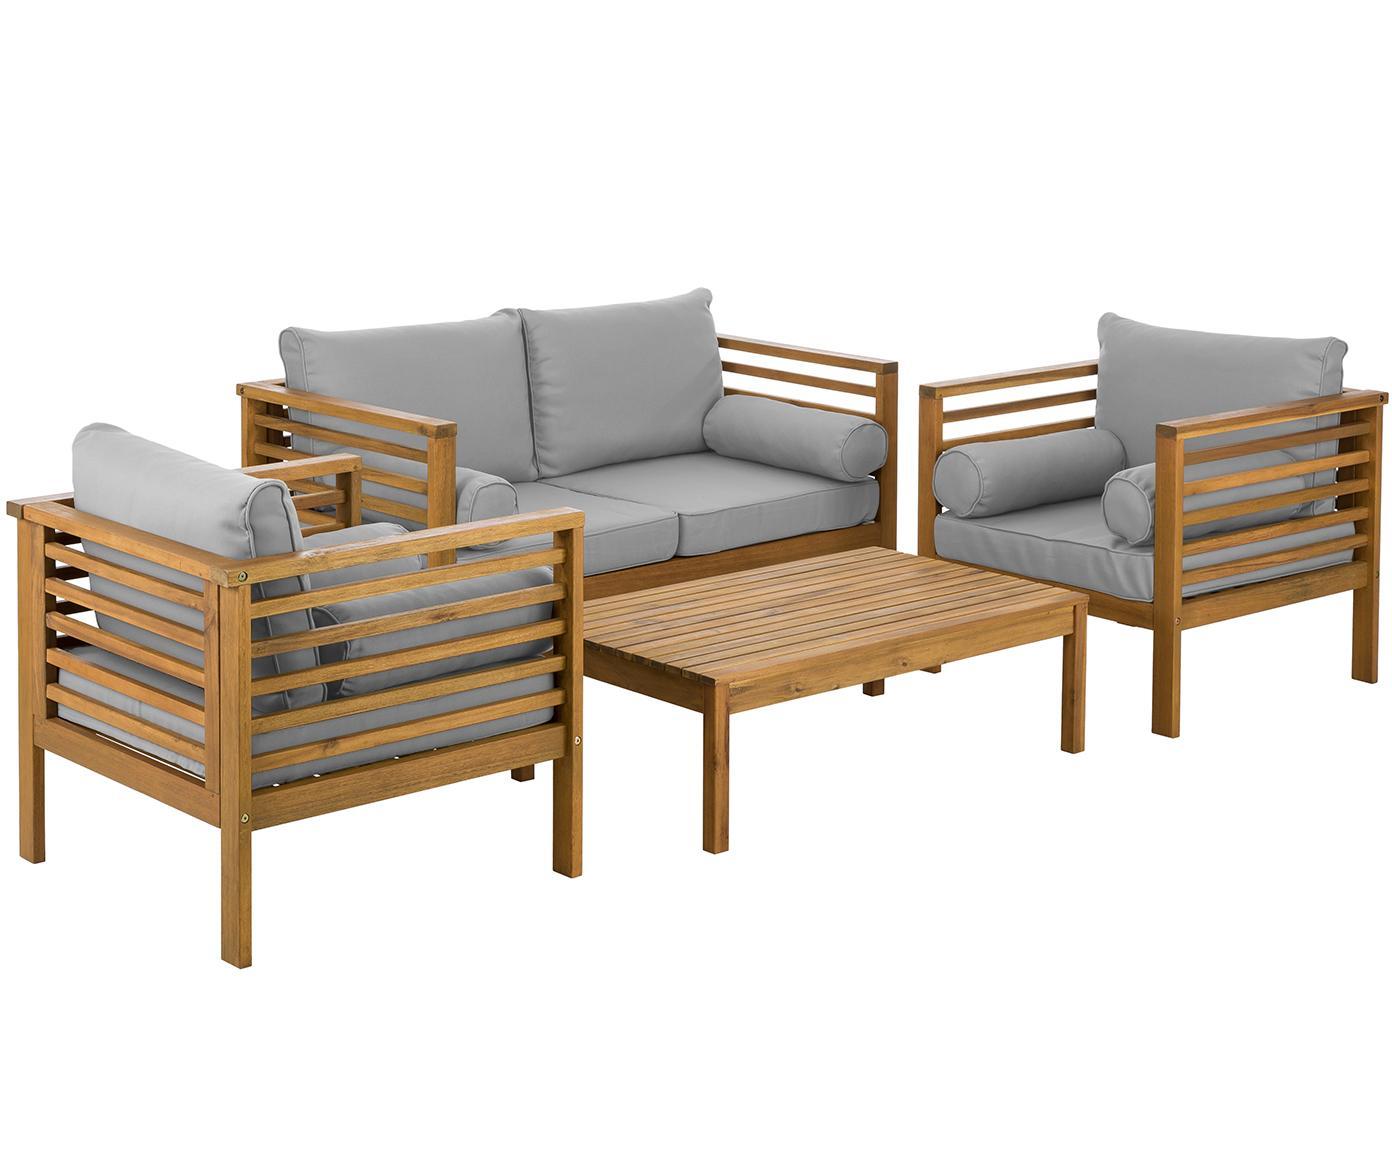 Komplet mebli ogrodowych Bo, 4 elem., Poszewki: szary Stelaże: drewno akacjowe, Różne rozmiary